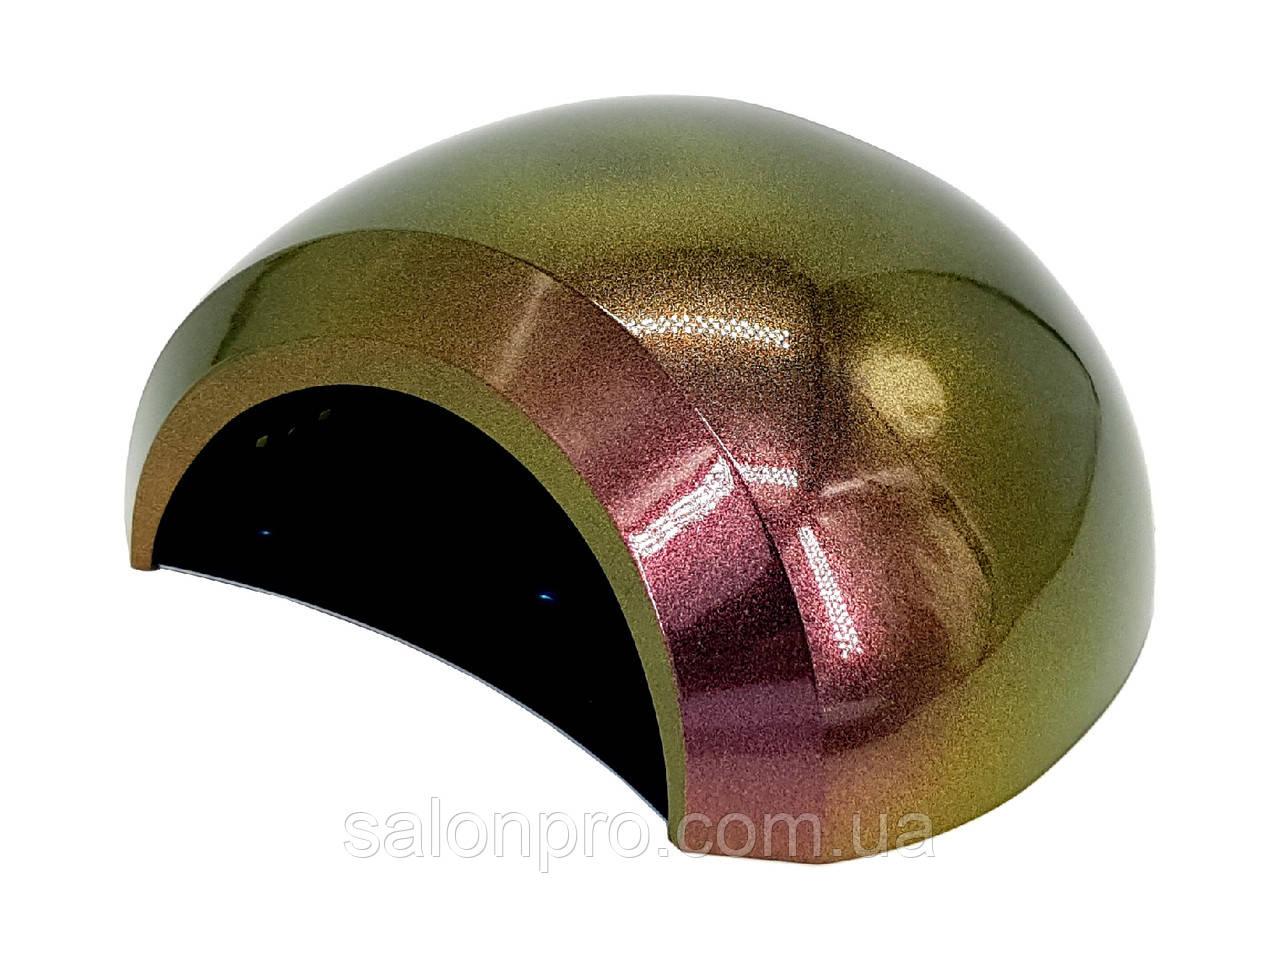 UV/LED лампа 48 Вт, для сушки геля и гель-лака, с вентилятором, хамелеон зелено-фиолетовая